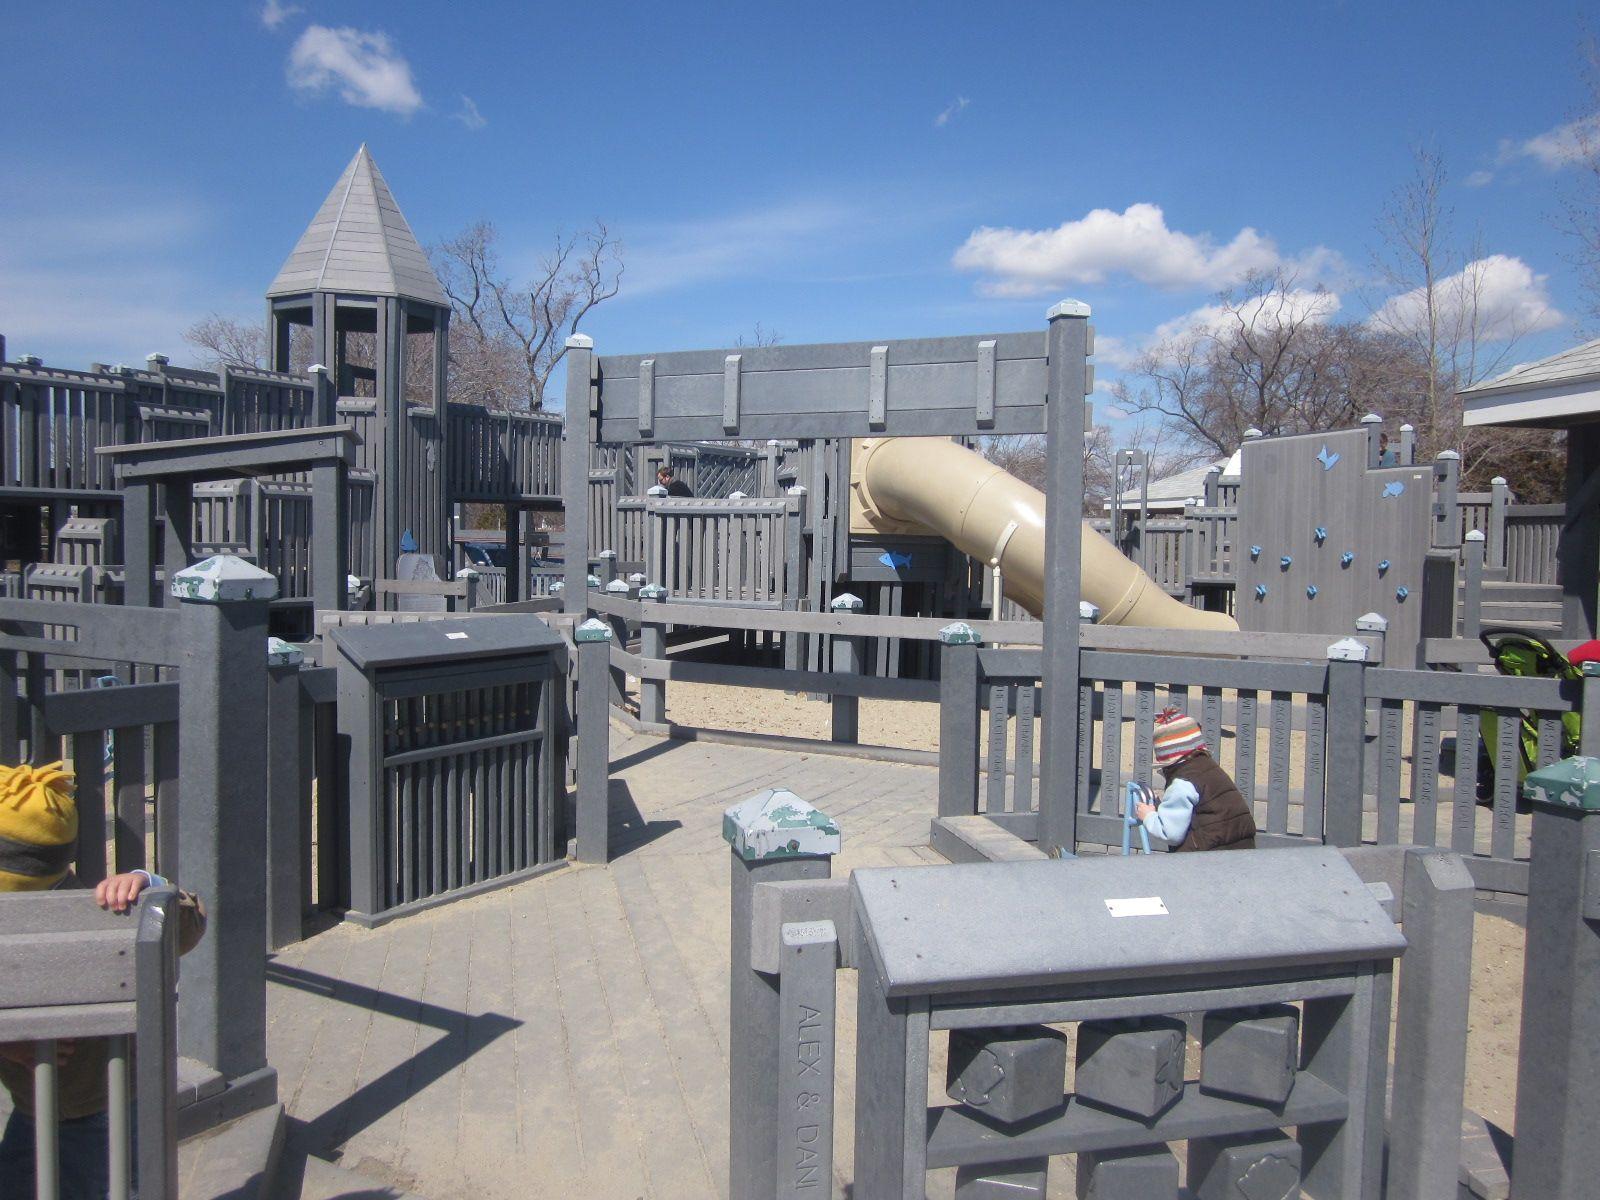 Compo beach playground westport ct westport pinterest for The westport